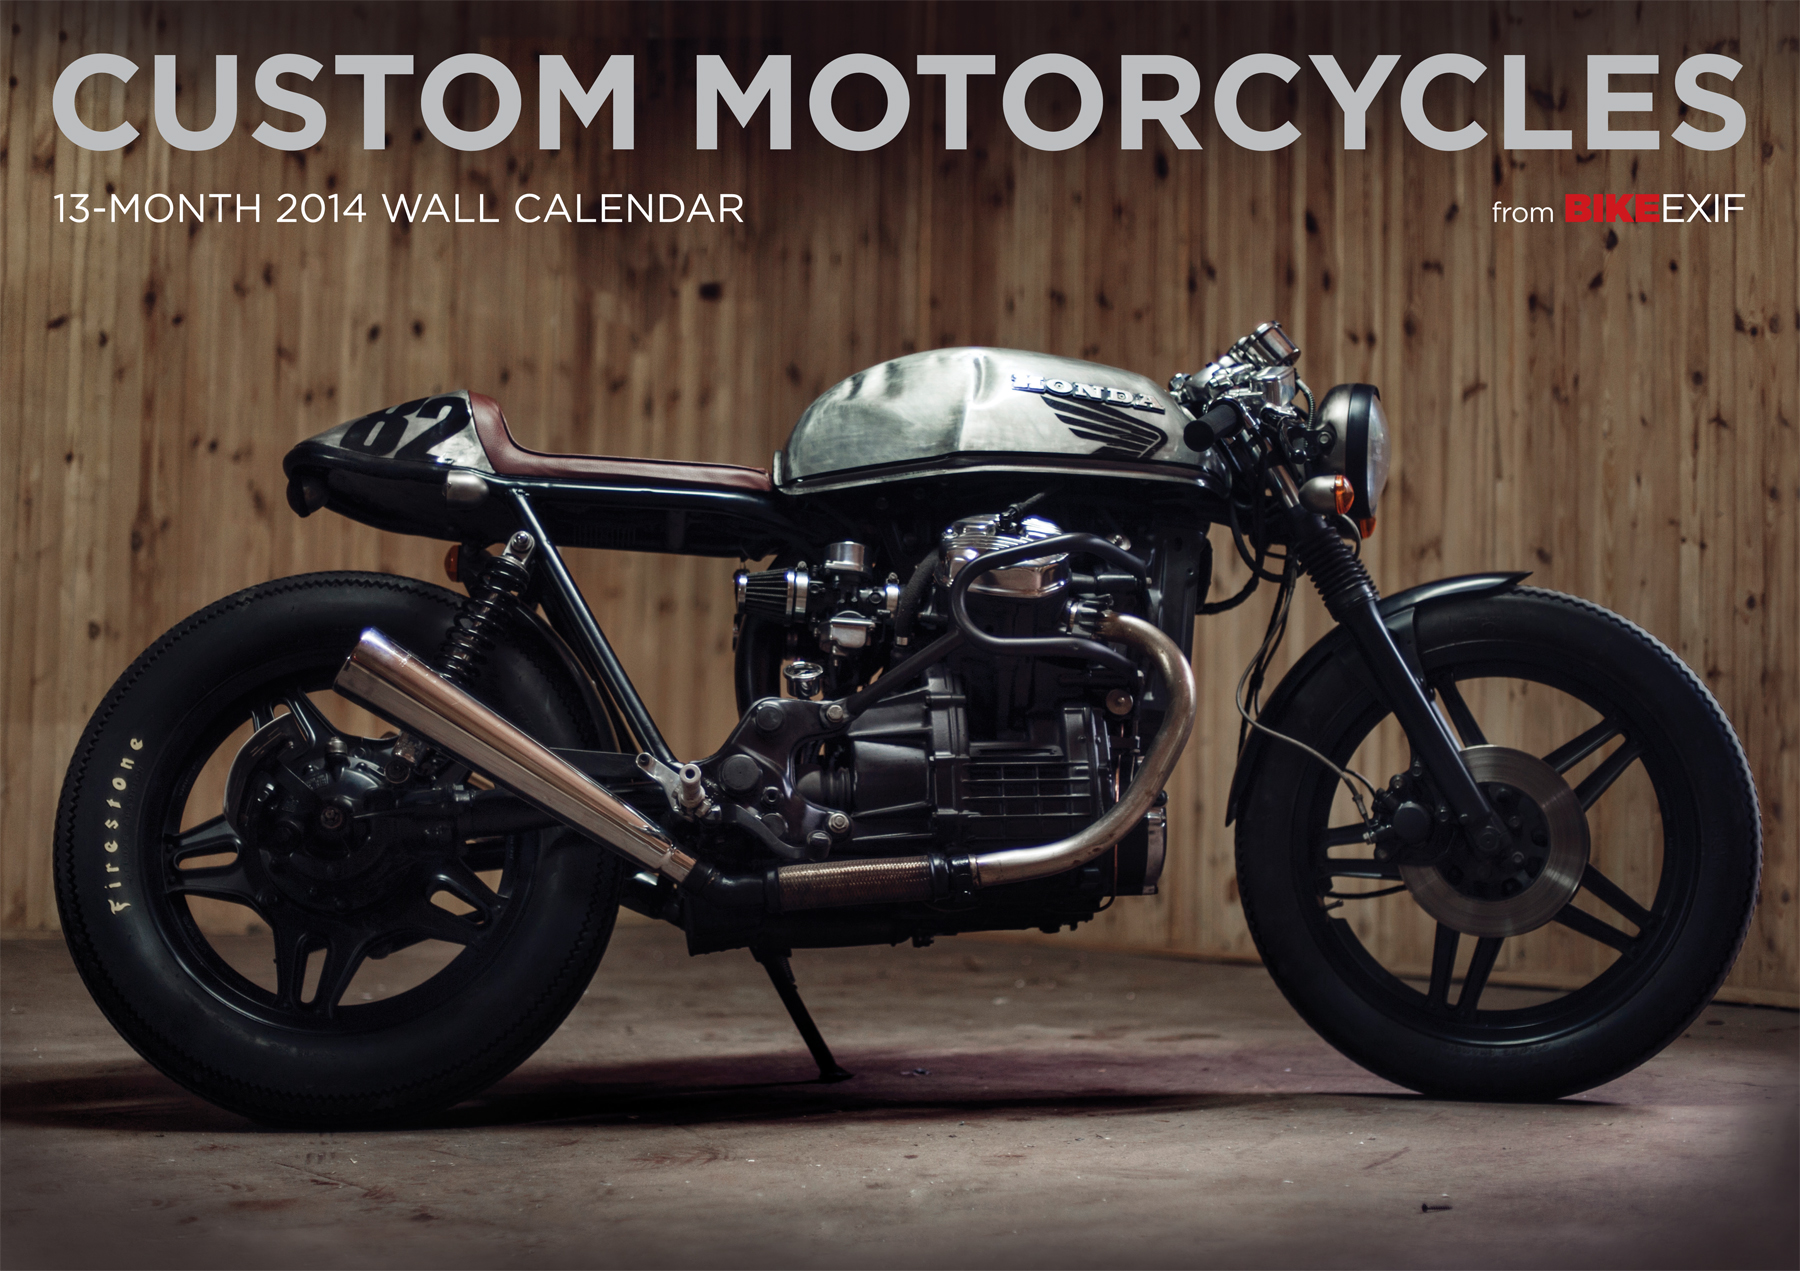 2014 Bike Exif Shows Awesome Custom Bikes Calendar